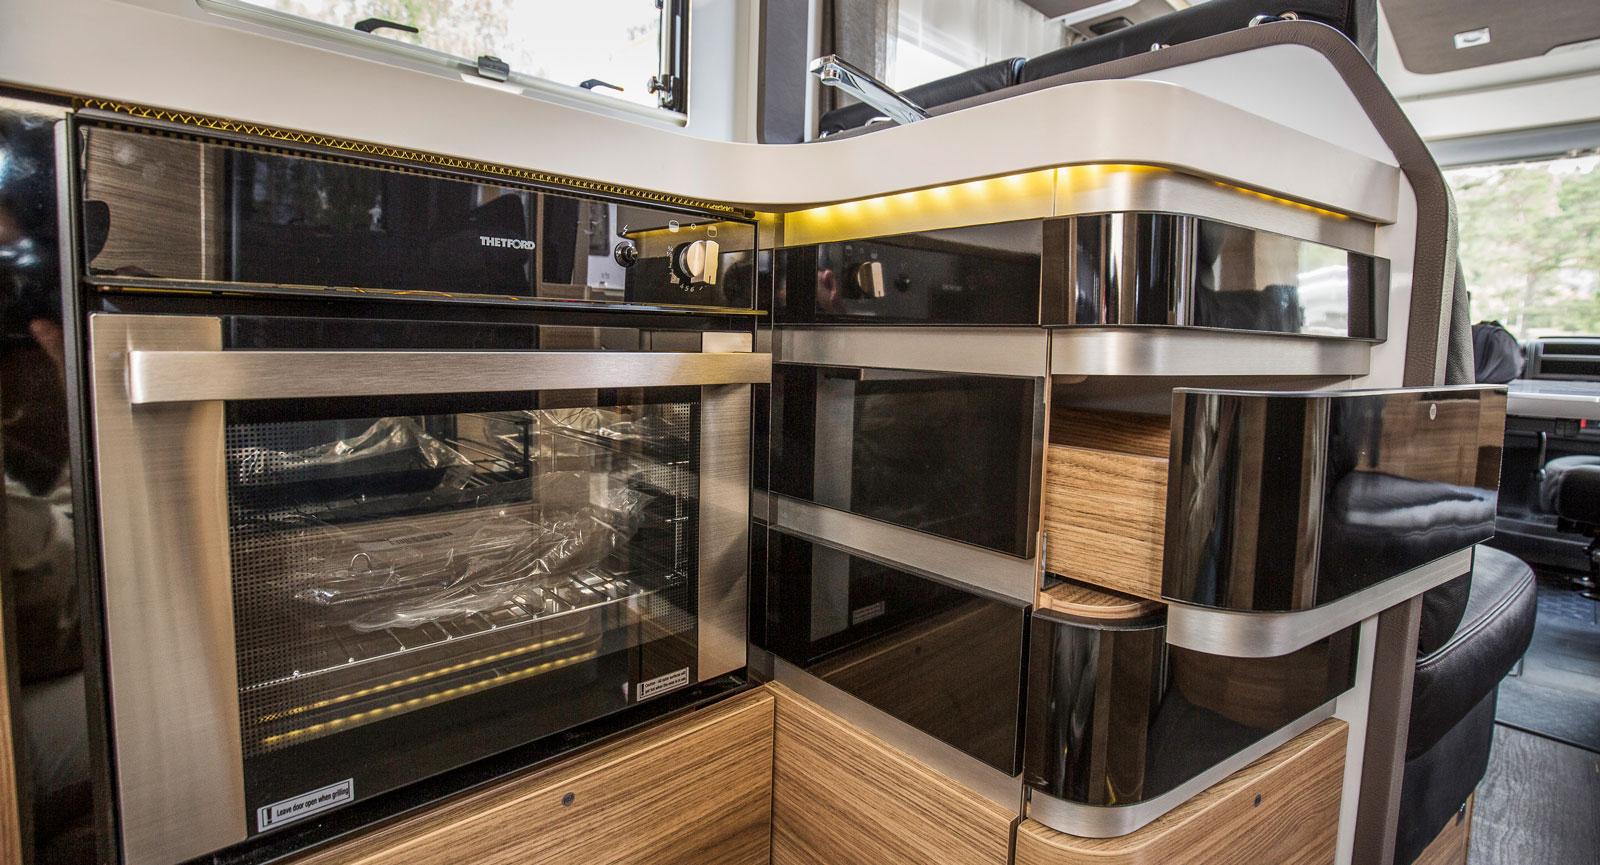 Köket är futuristiskt designat och inte heller här finns det handtag eller lås vilket kan leda till kladdiga lådor.